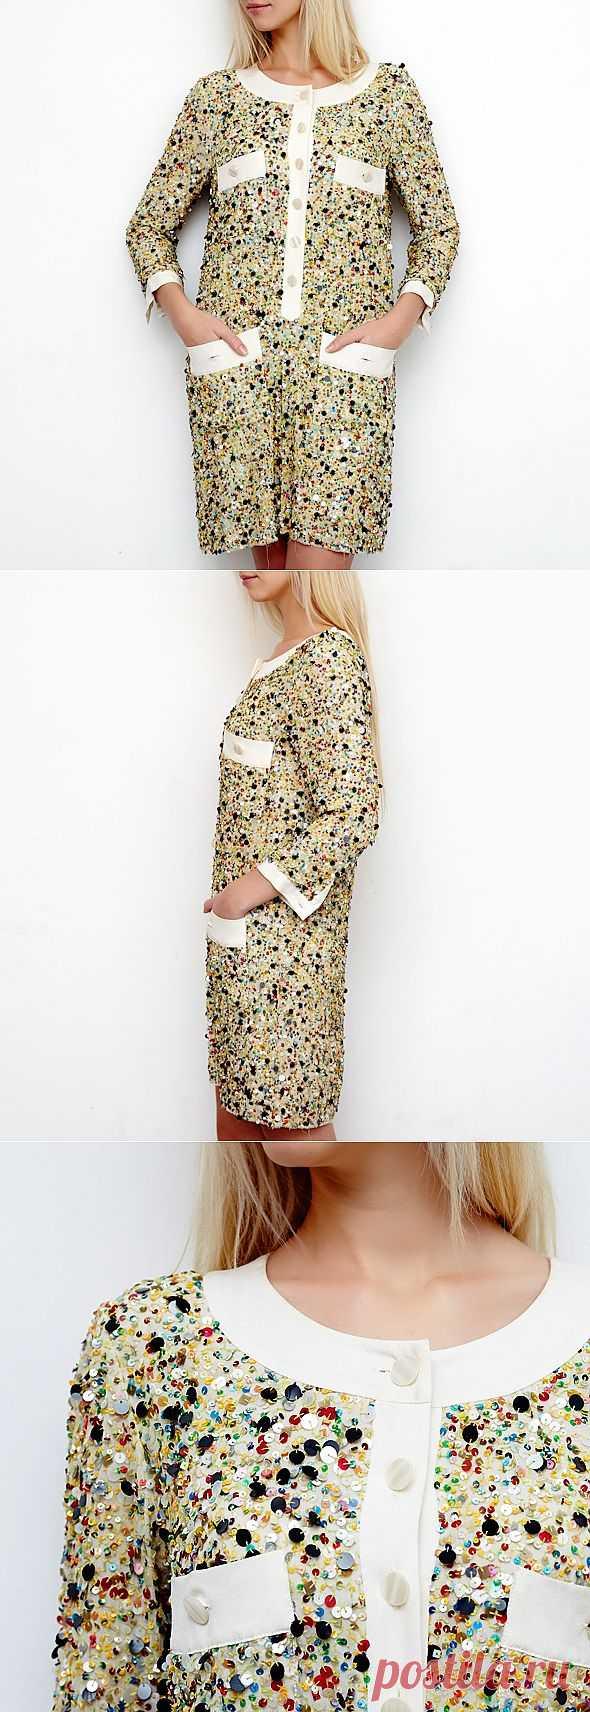 Мешанина / Декор / Модный сайт о стильной переделке одежды и интерьера